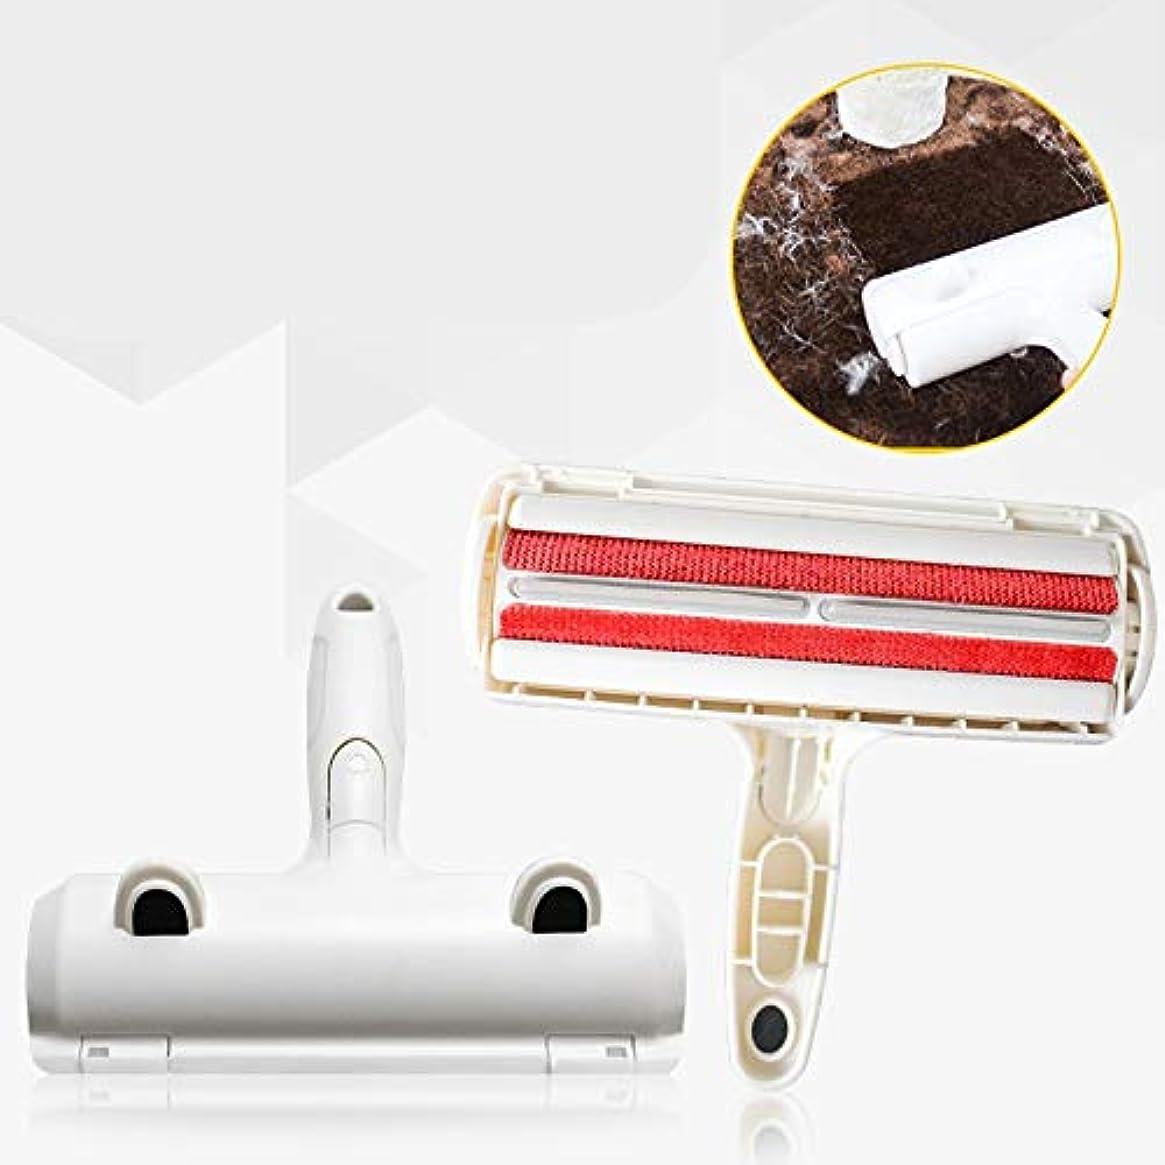 洗う厄介な一晩アップグレードされたバージョンのペット脱毛器-ブラシ再利用可能なクリーナーは、きれいなブラシで家具、カーペット、寝具などから髪を取り除きます (Color : Red)